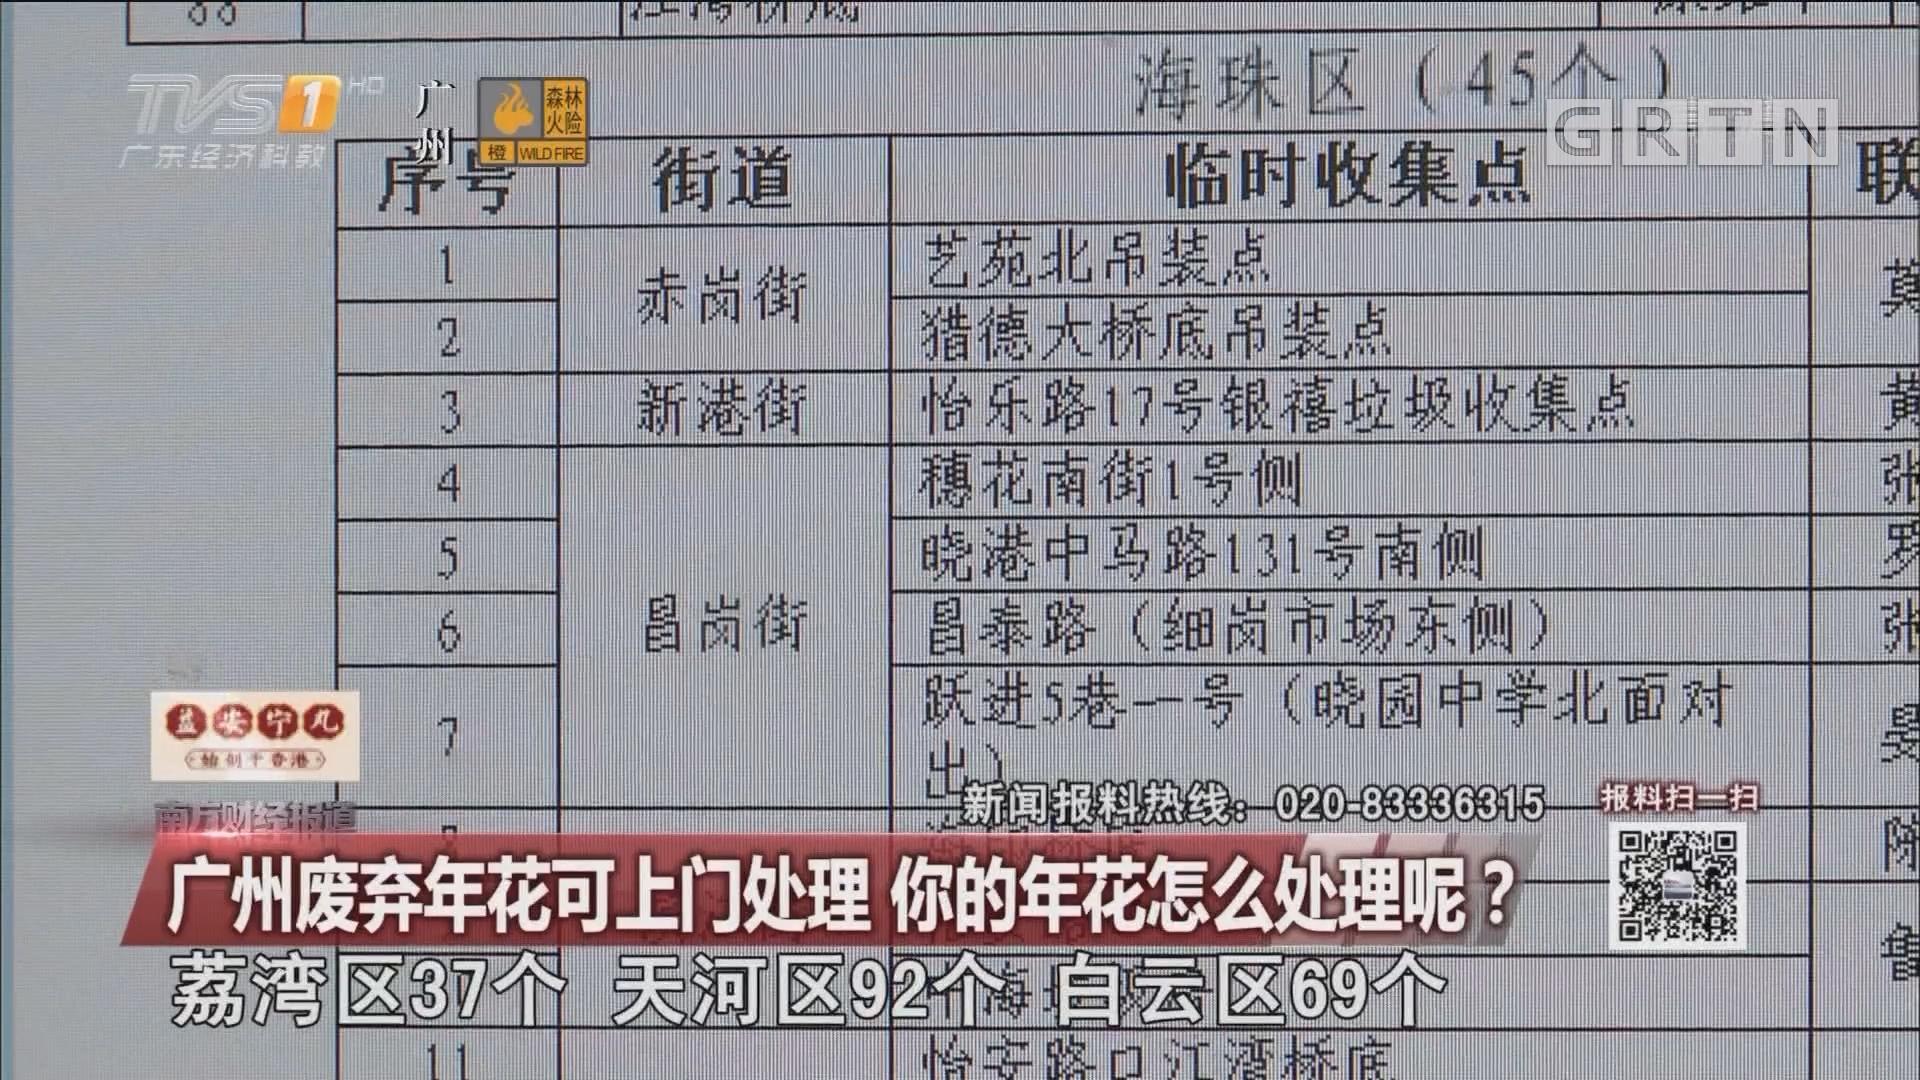 广州废弃年花可上门处理 你的年花怎么处理呢?